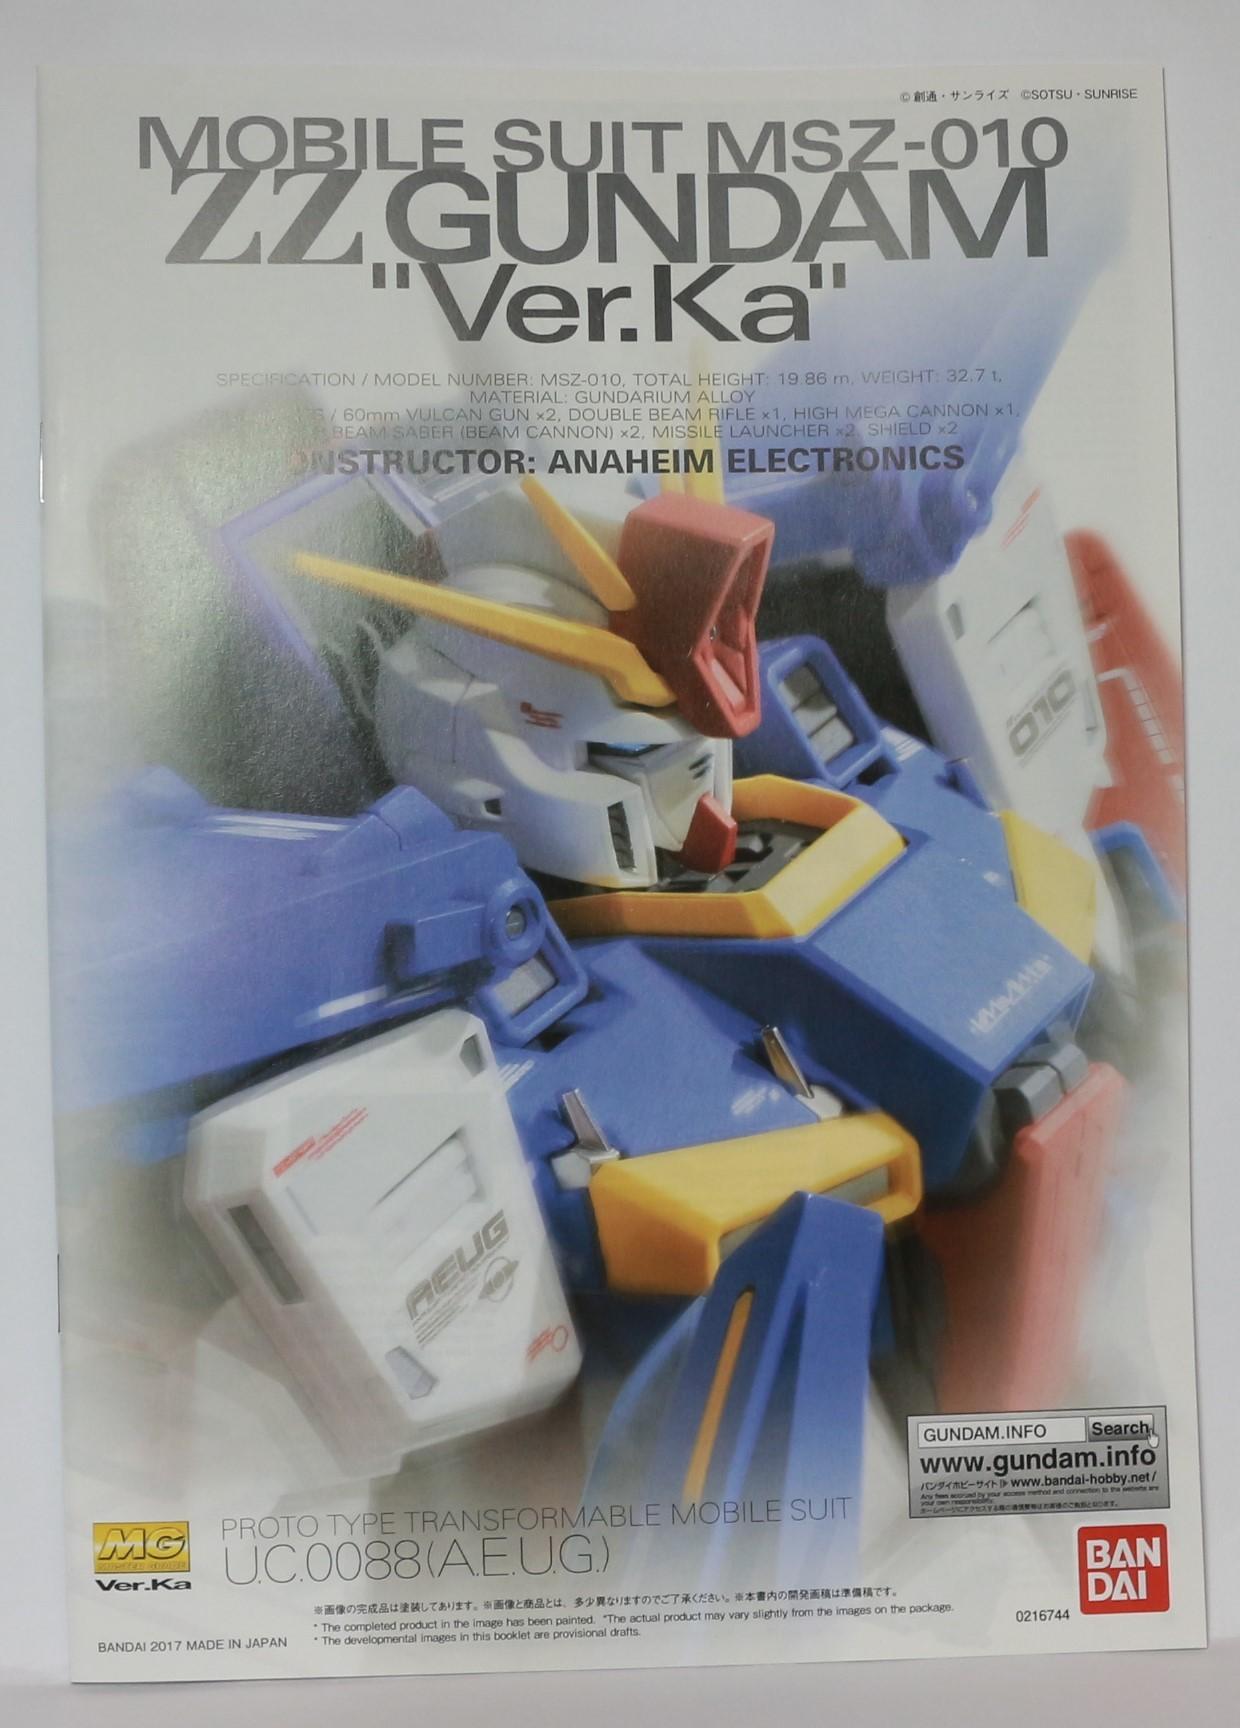 MG-ZZ_GUNDAM-Ver_Ka-16.jpg